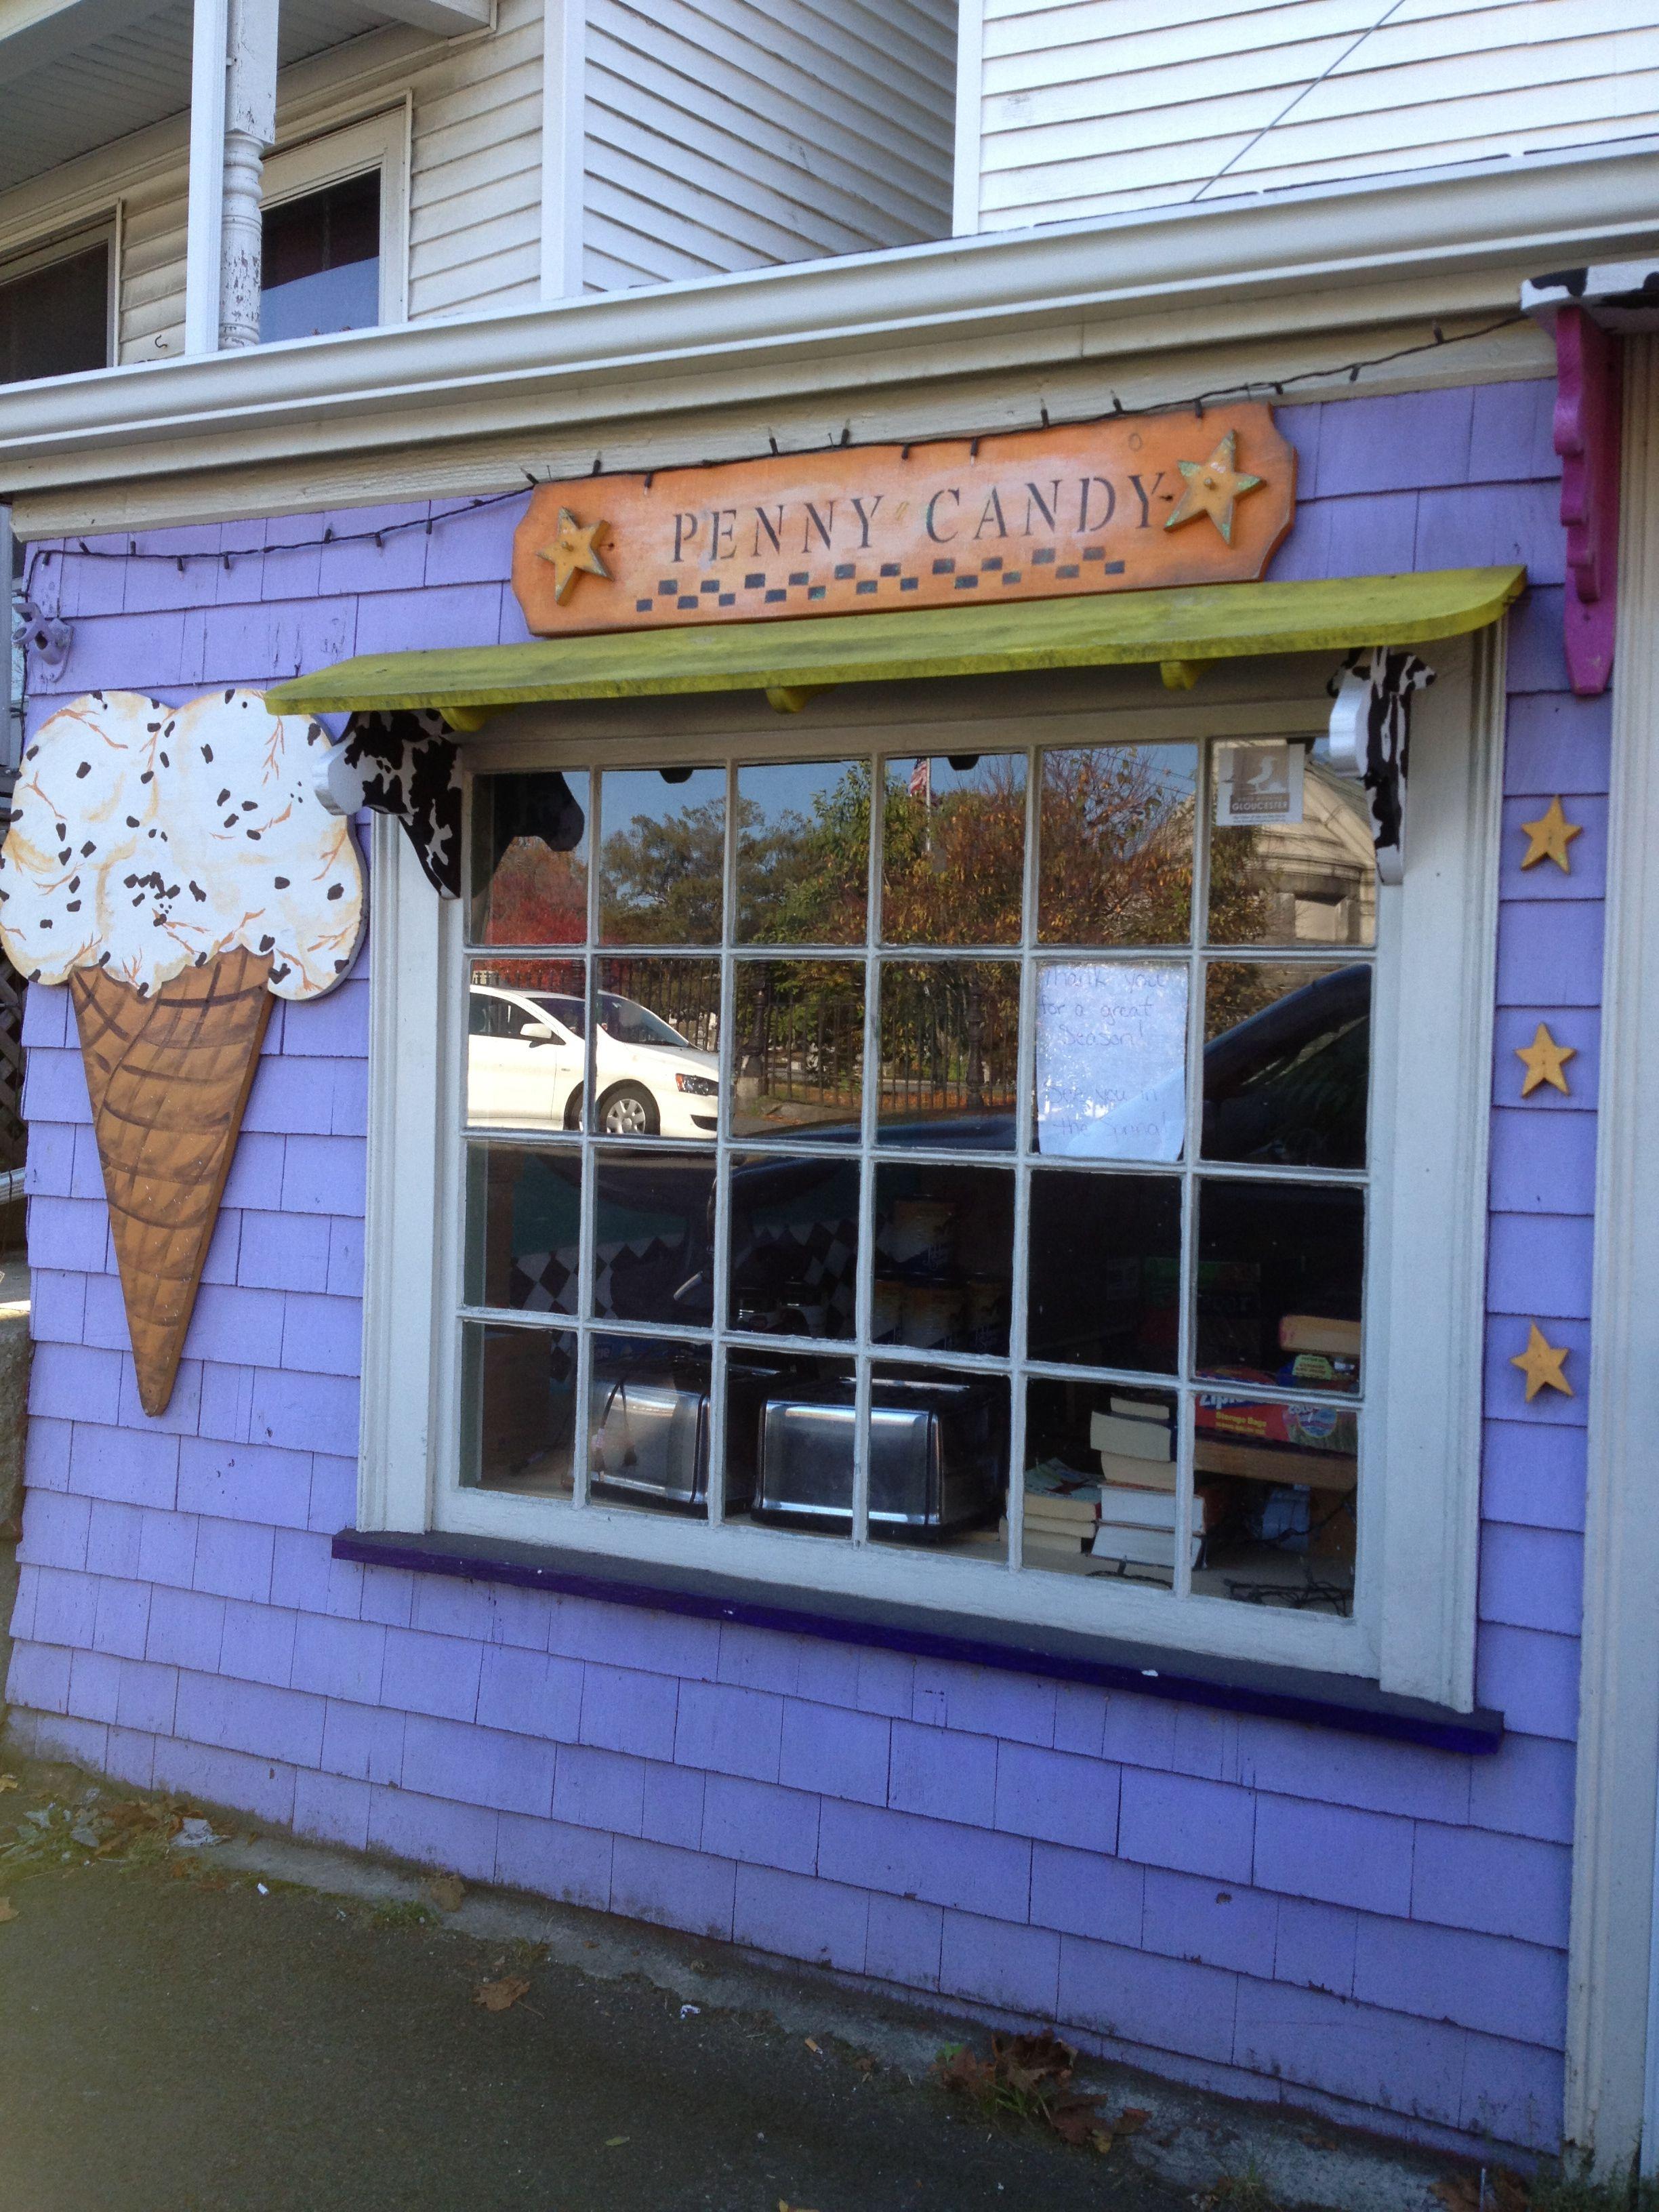 Adorable little shop